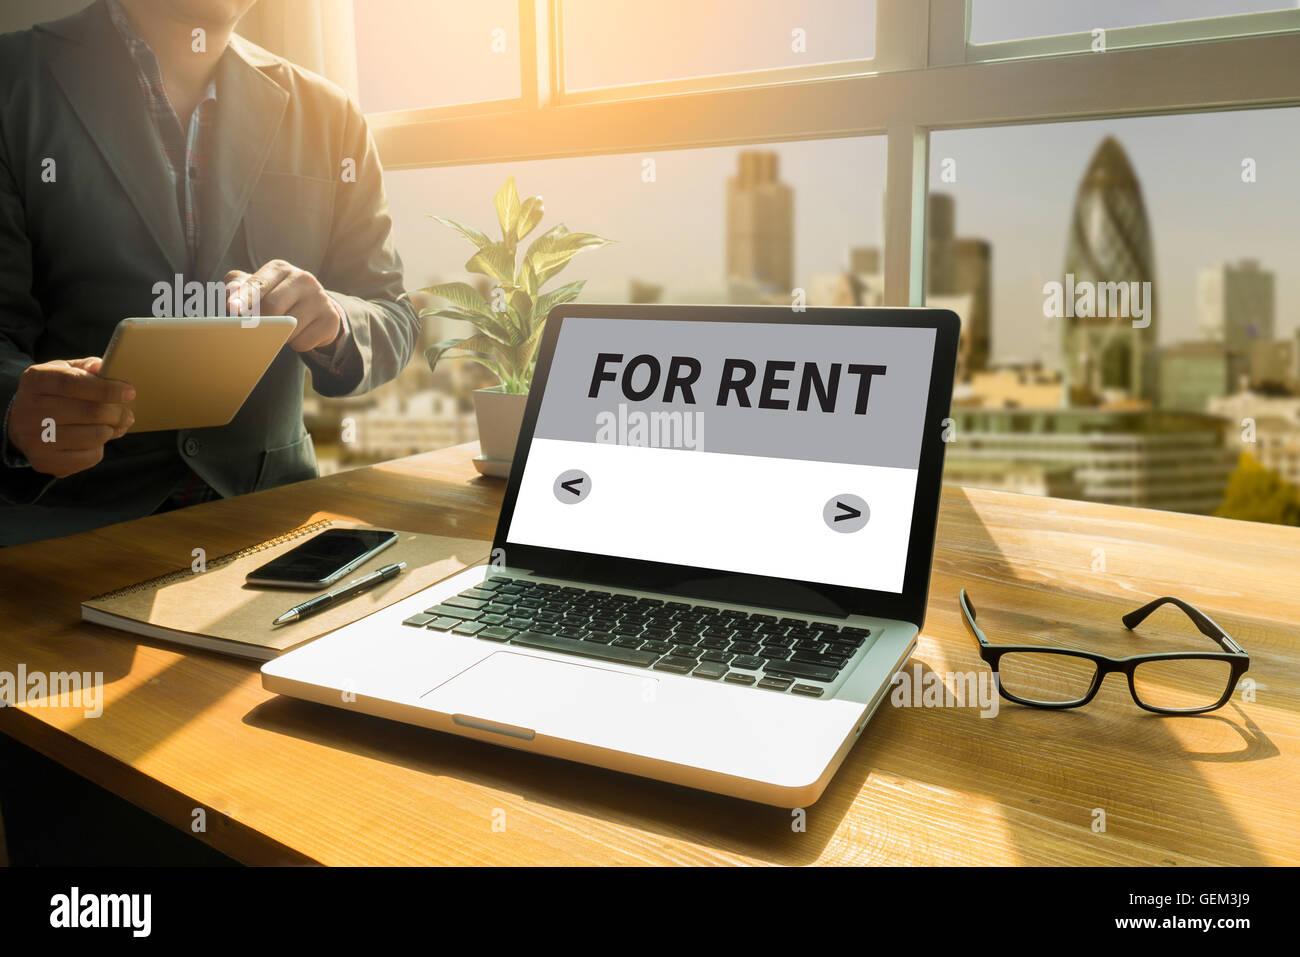 Para alquilar pensativo varón mirando a la pantalla tableta digital, pantalla de laptop,silueta y filtro sun Foto de stock